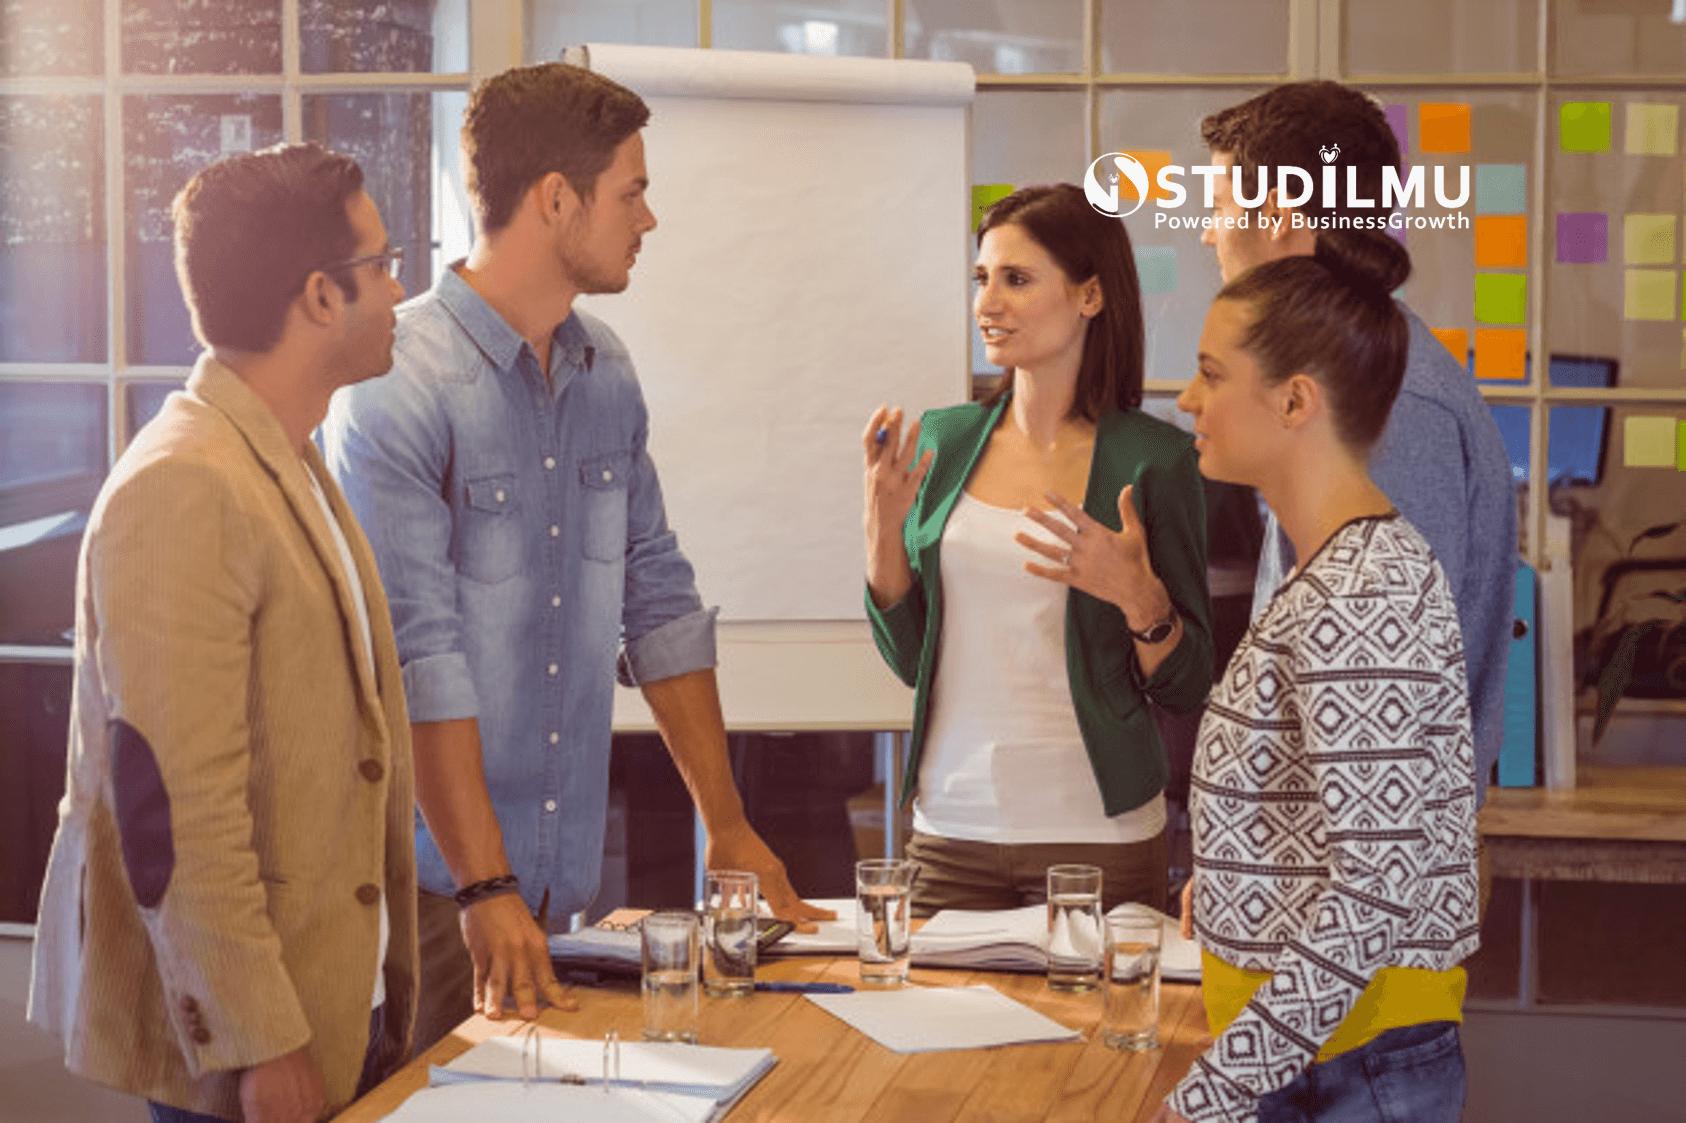 STUDILMU Career Advice - Apa itu Etika Bisnis? dan 6 Cara Menulis Kode Etik untuk Bisnis